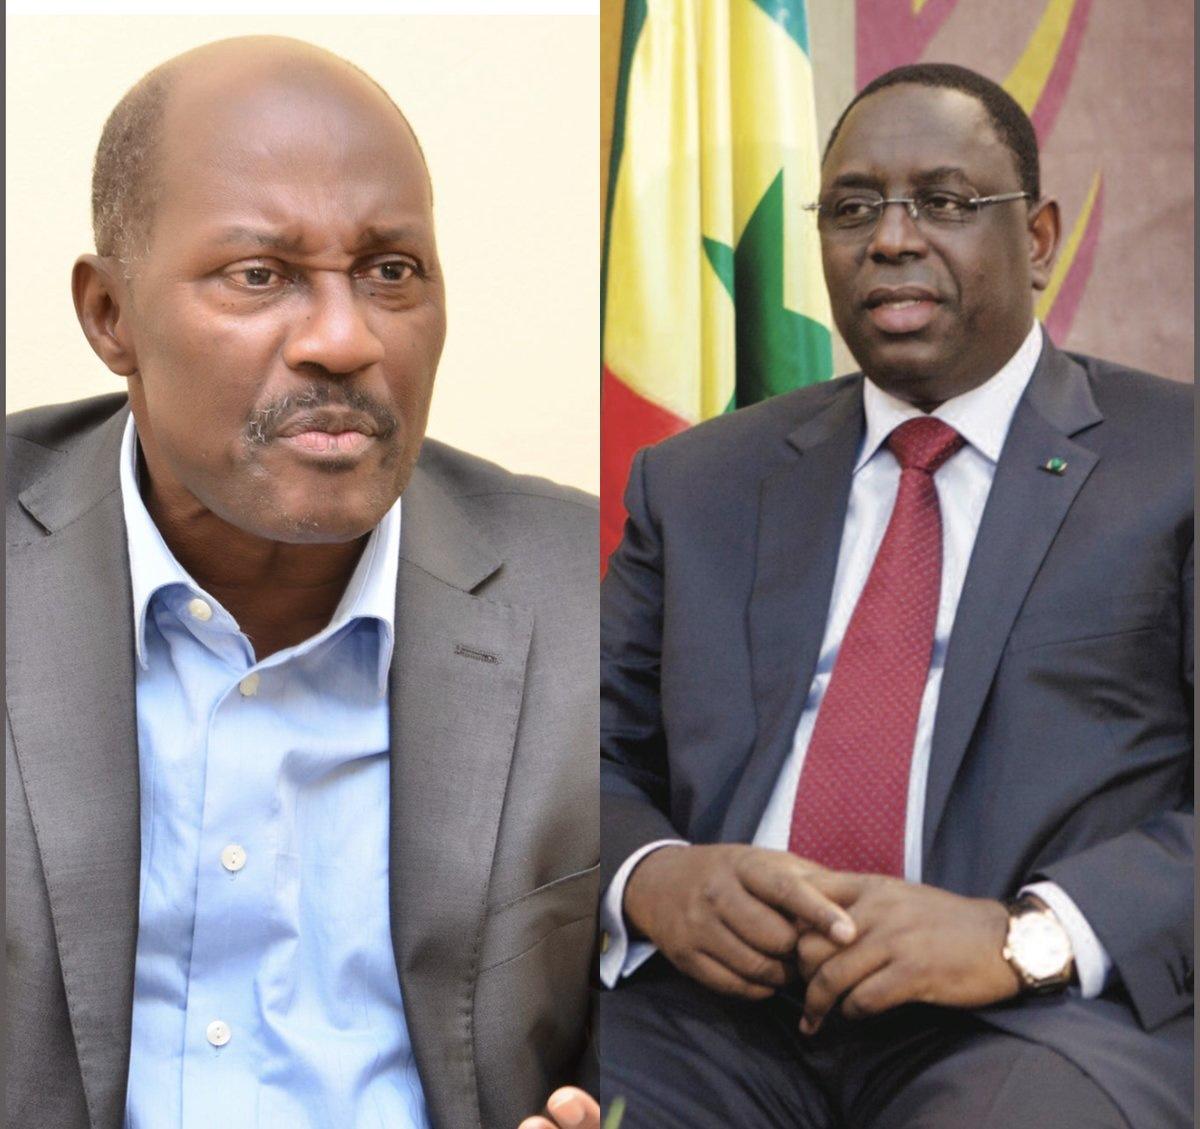 Mr le président de la république : l'Assemblée nationale, serait-elle devenue, sous votre magistère, un sordide repaire de malfrats de tout acabit ?